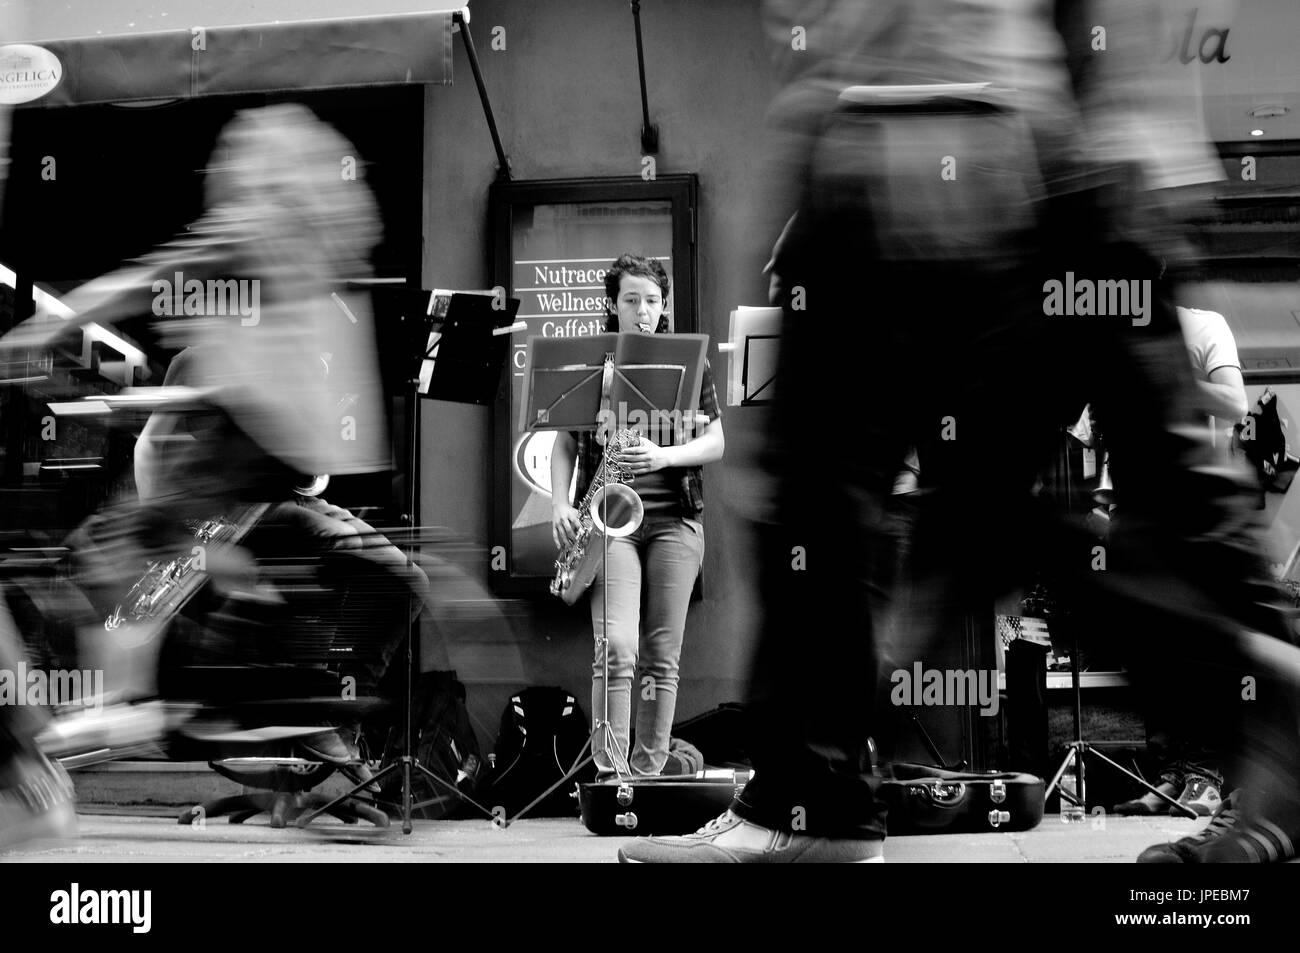 Bologna Straßenfotografie. Musiker spielen auf der Straße vor Publikum in Bewegung. Stockbild